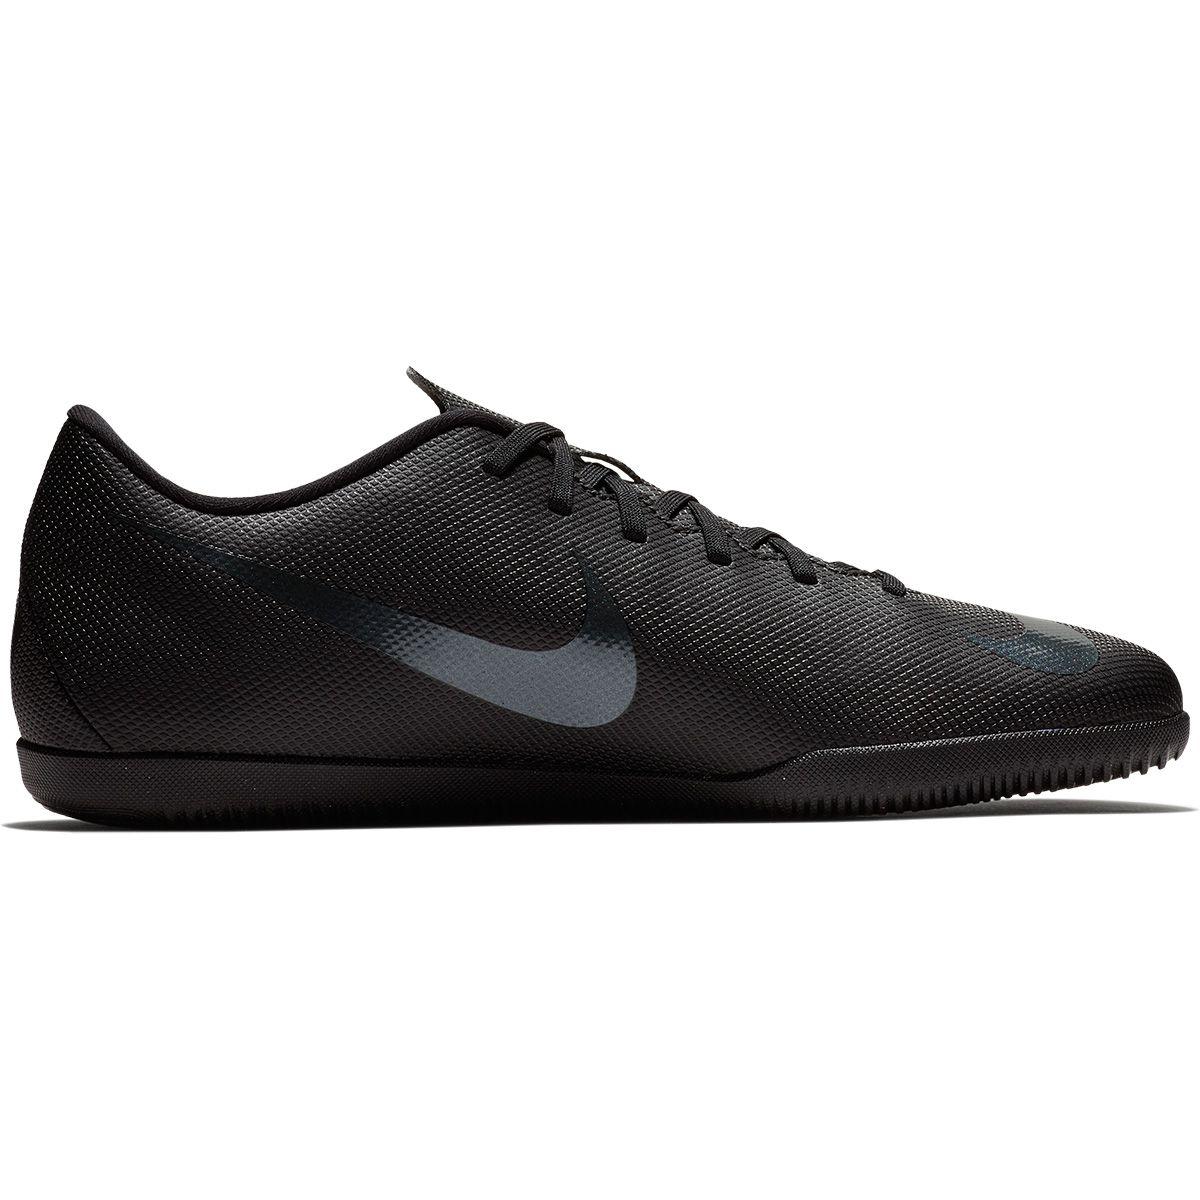 Chuteira de Futsal Nike Mercurial Vapor 12